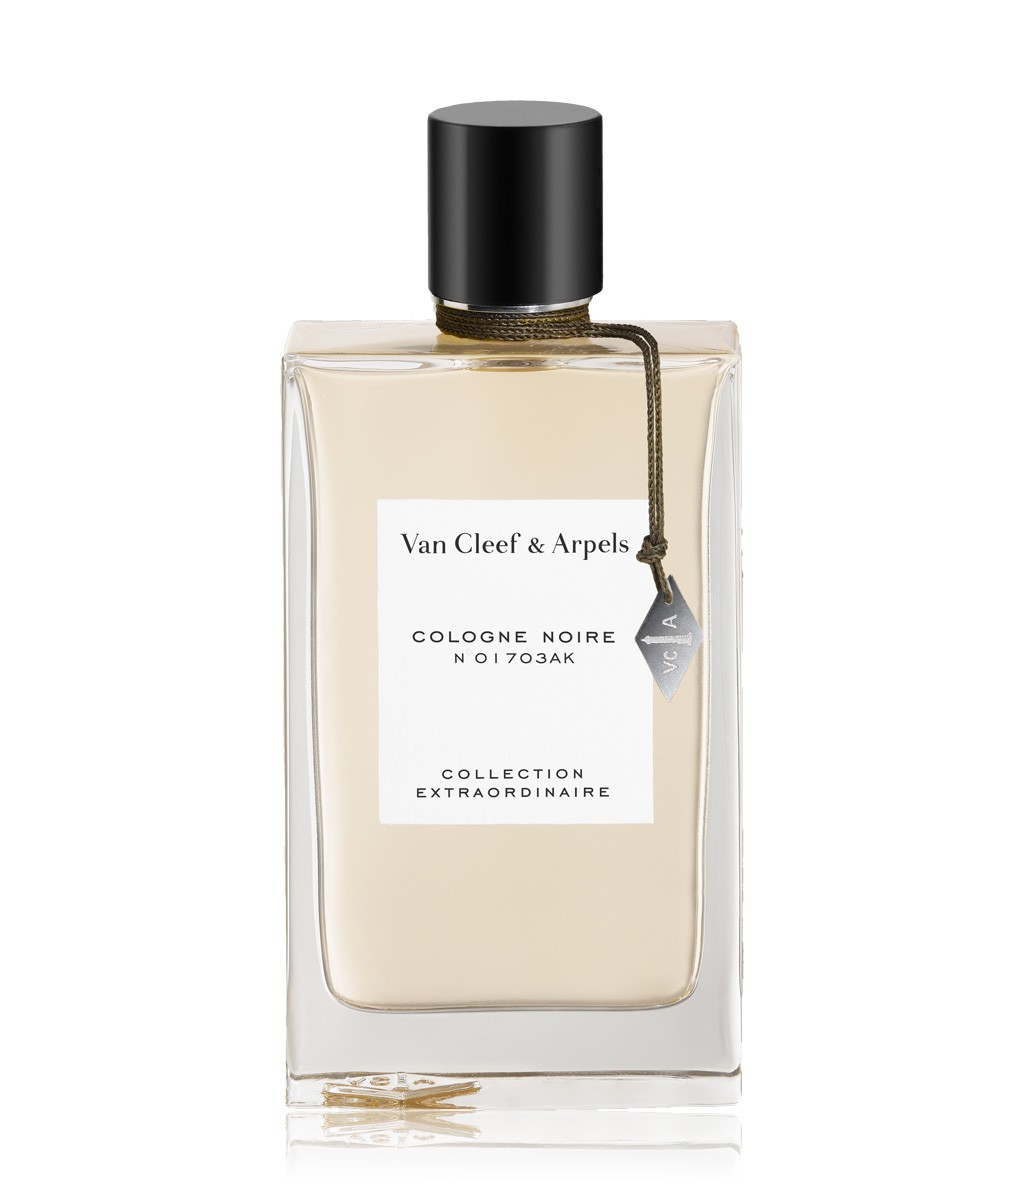 Van Cleef & Arpels Cologne Noire аромат для мужчин